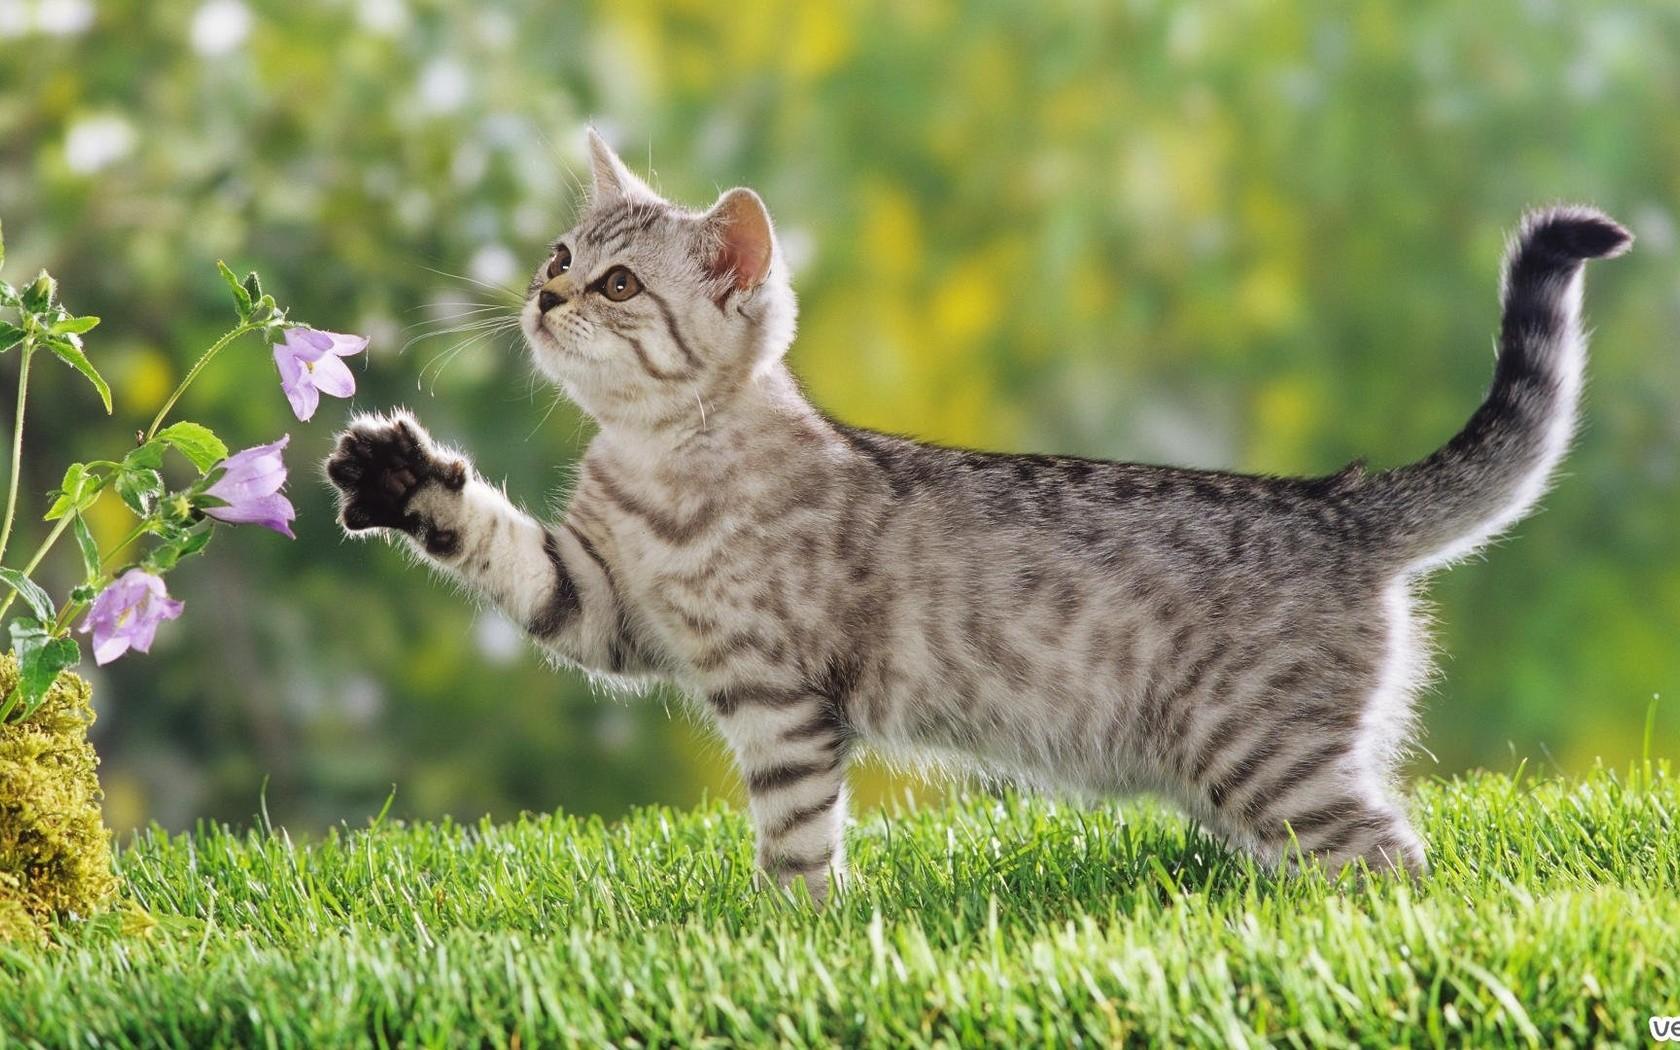 районе фото домашних котов на природе таком случае